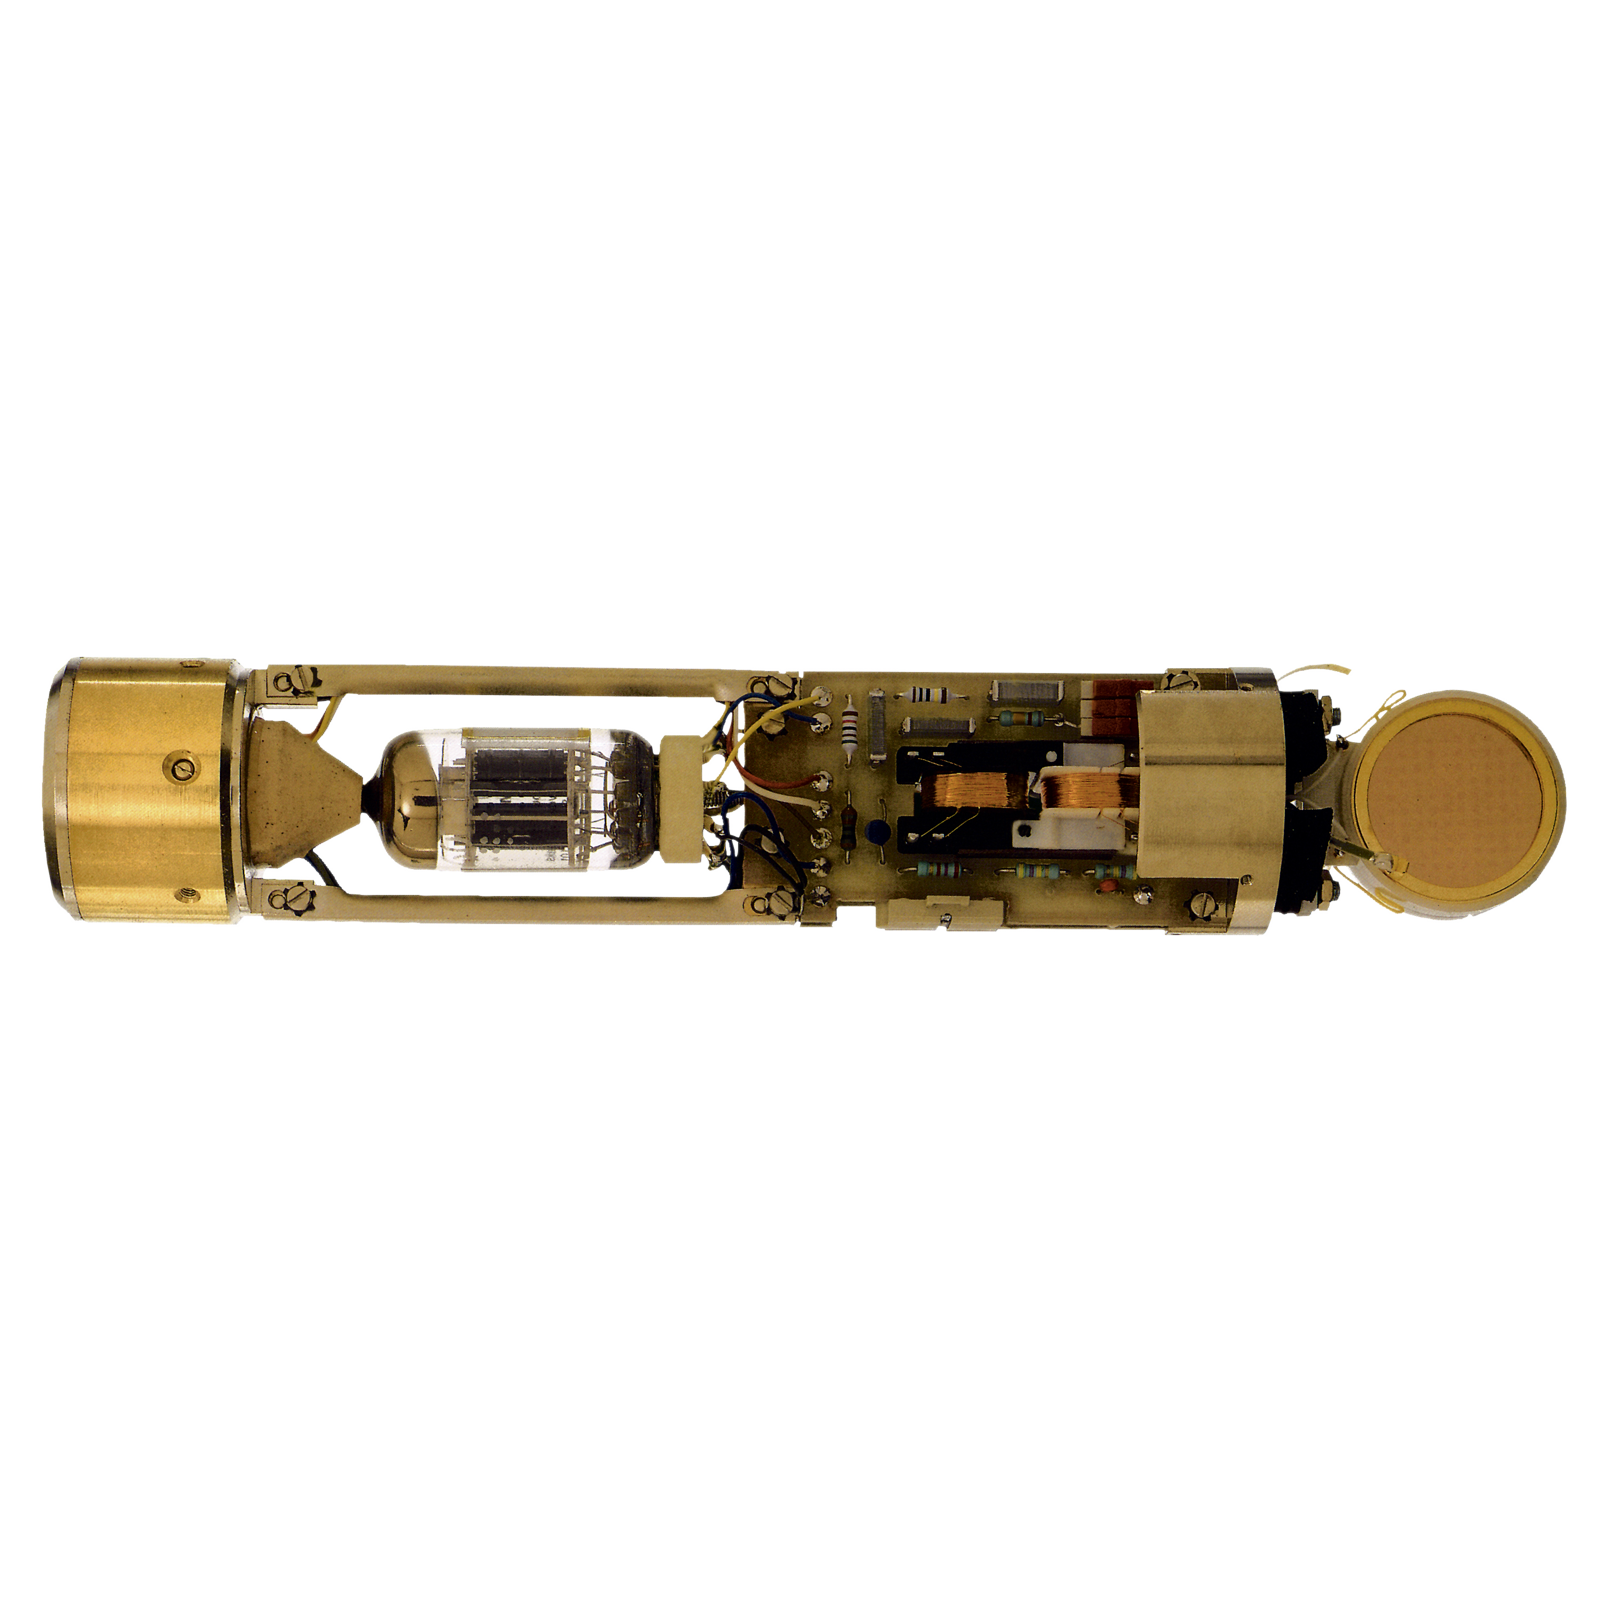 C12 VR